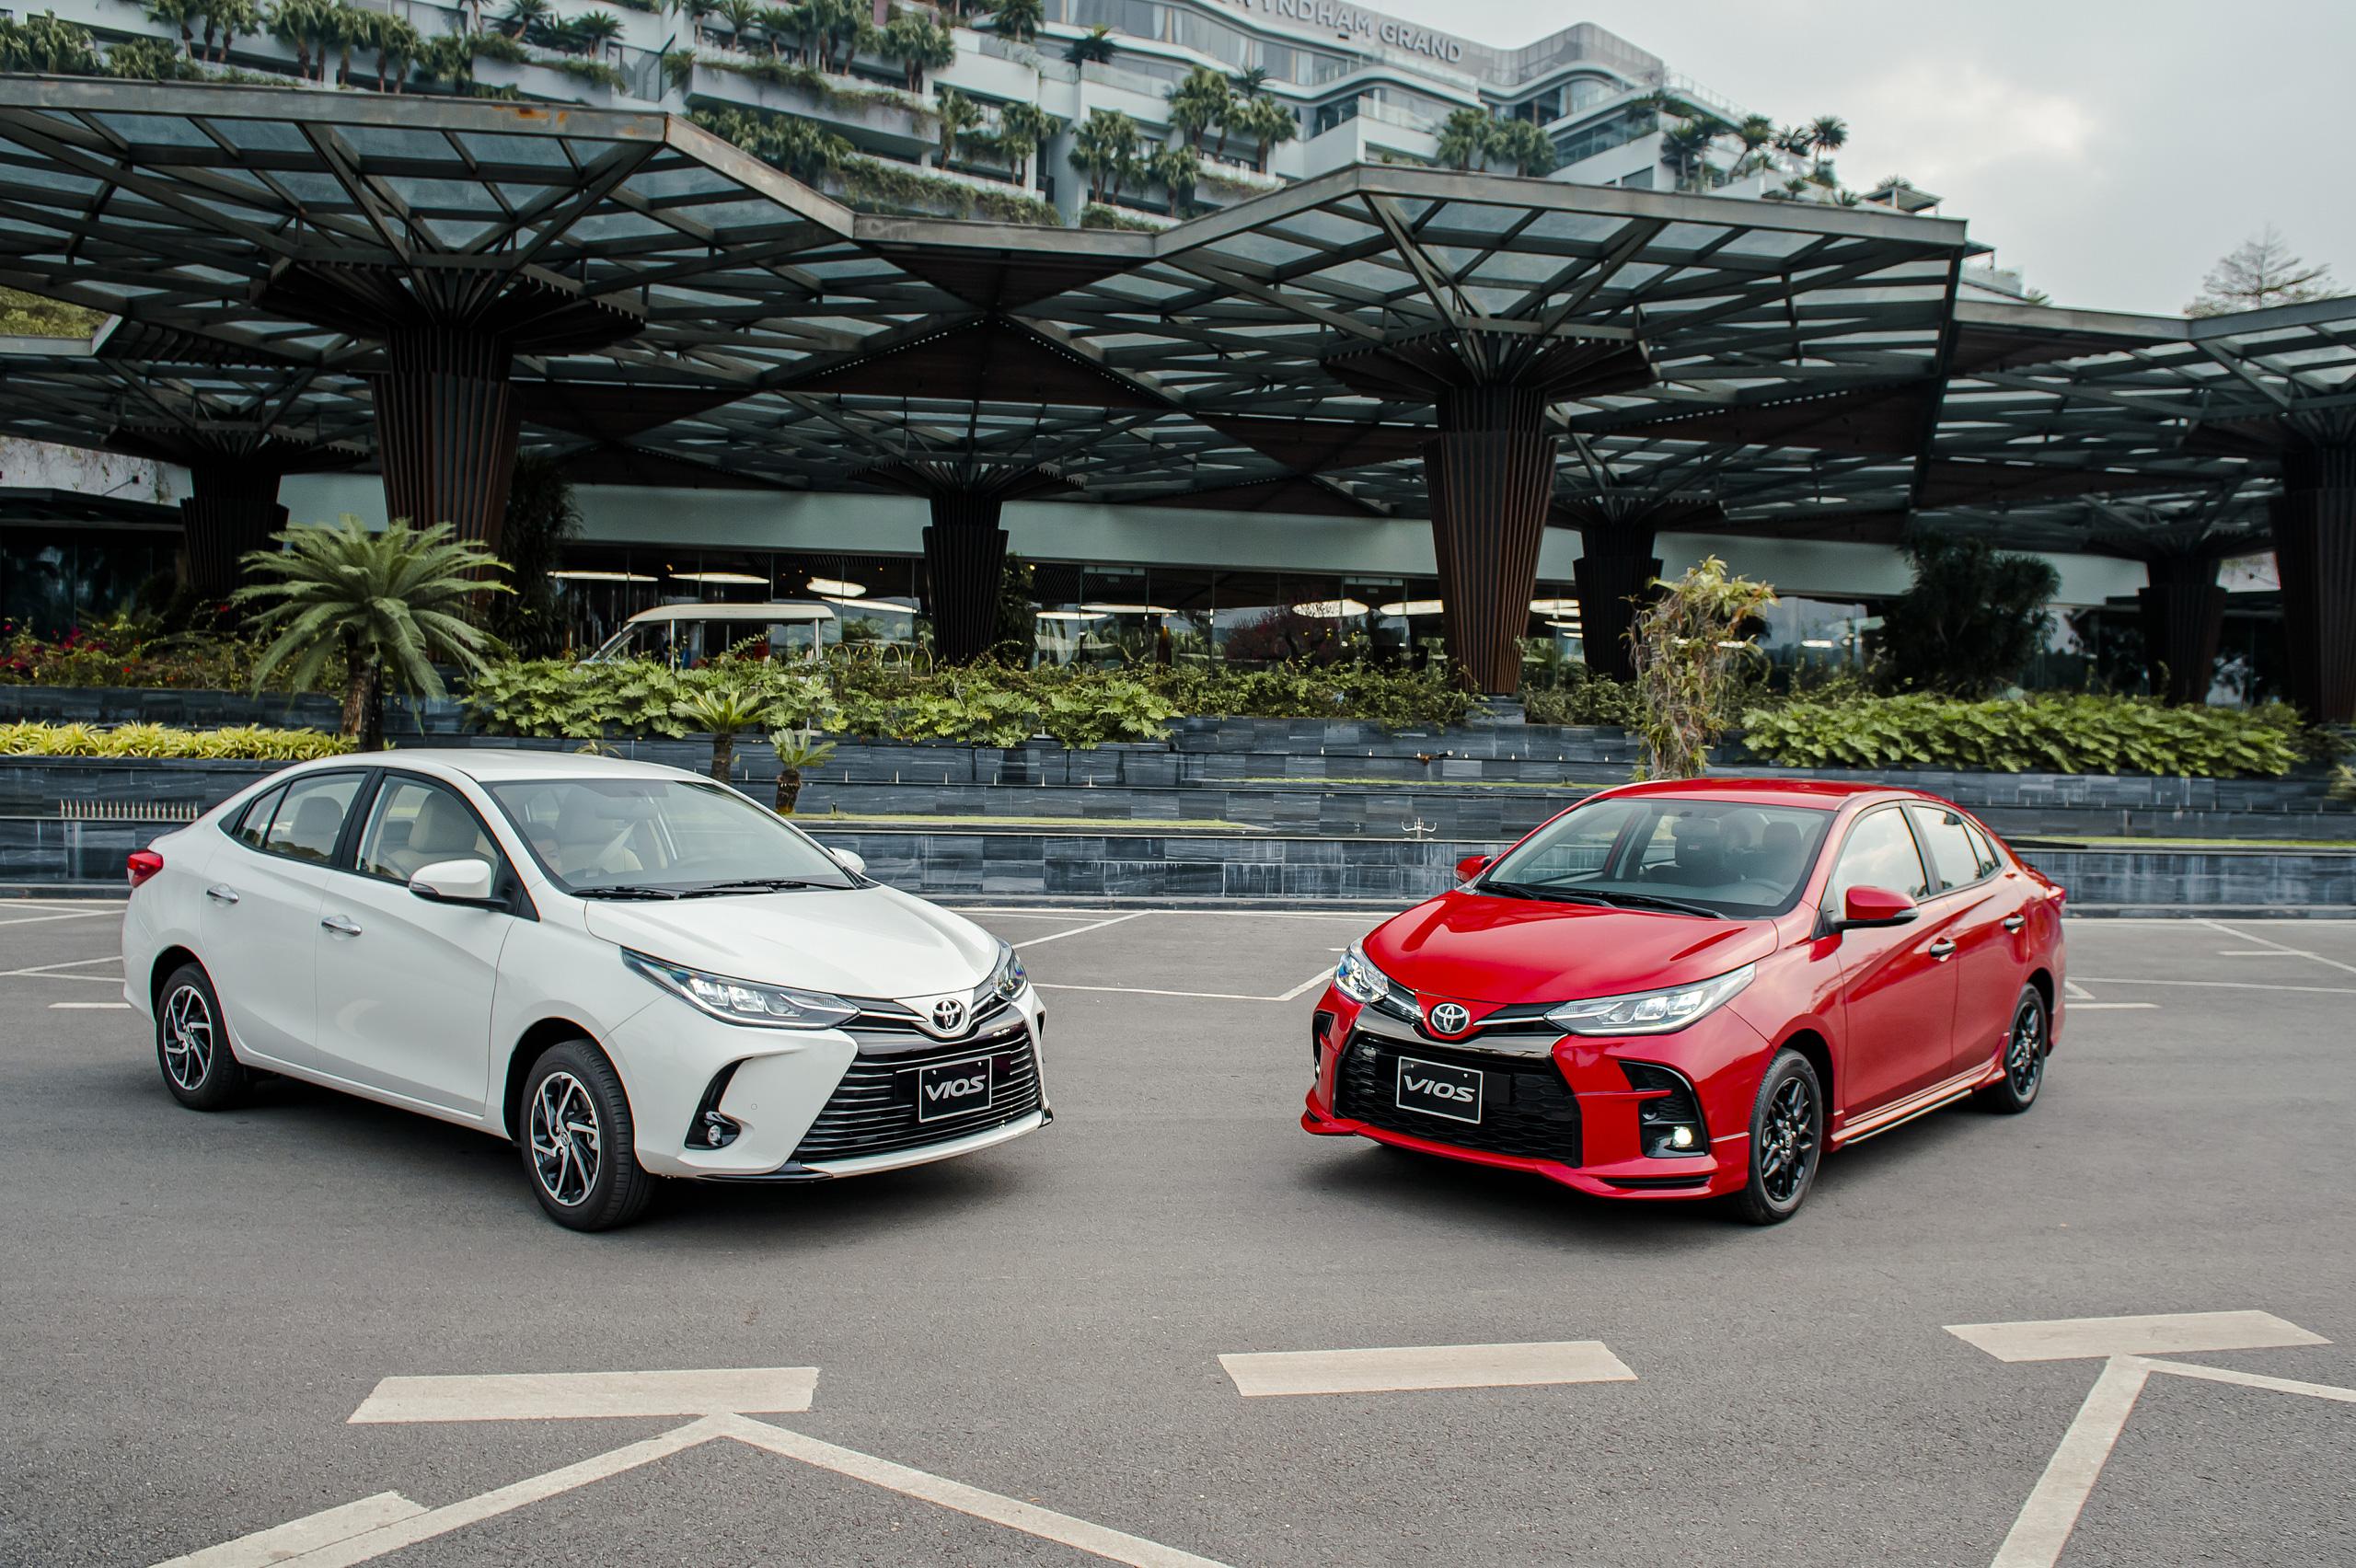 Chiếc Toyota Vios 2021 đầu tiên xuất hiện tại Việt Nam, giá chỉ từ 478 triệu đồng - Ảnh 1.